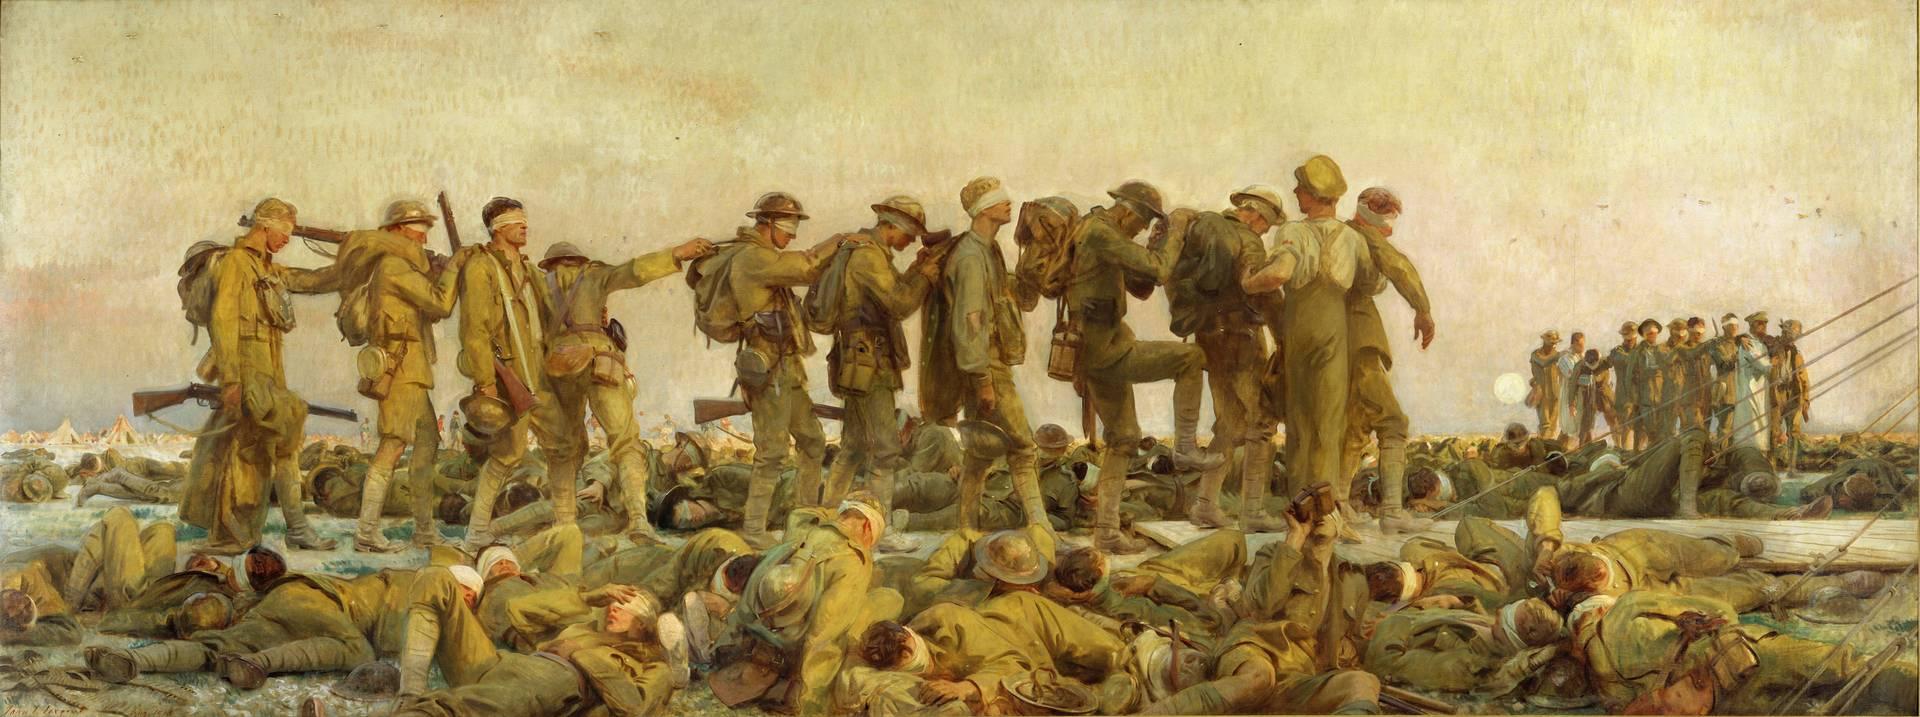 Сарджент Джон Сингер. Отравленные газами. 1918